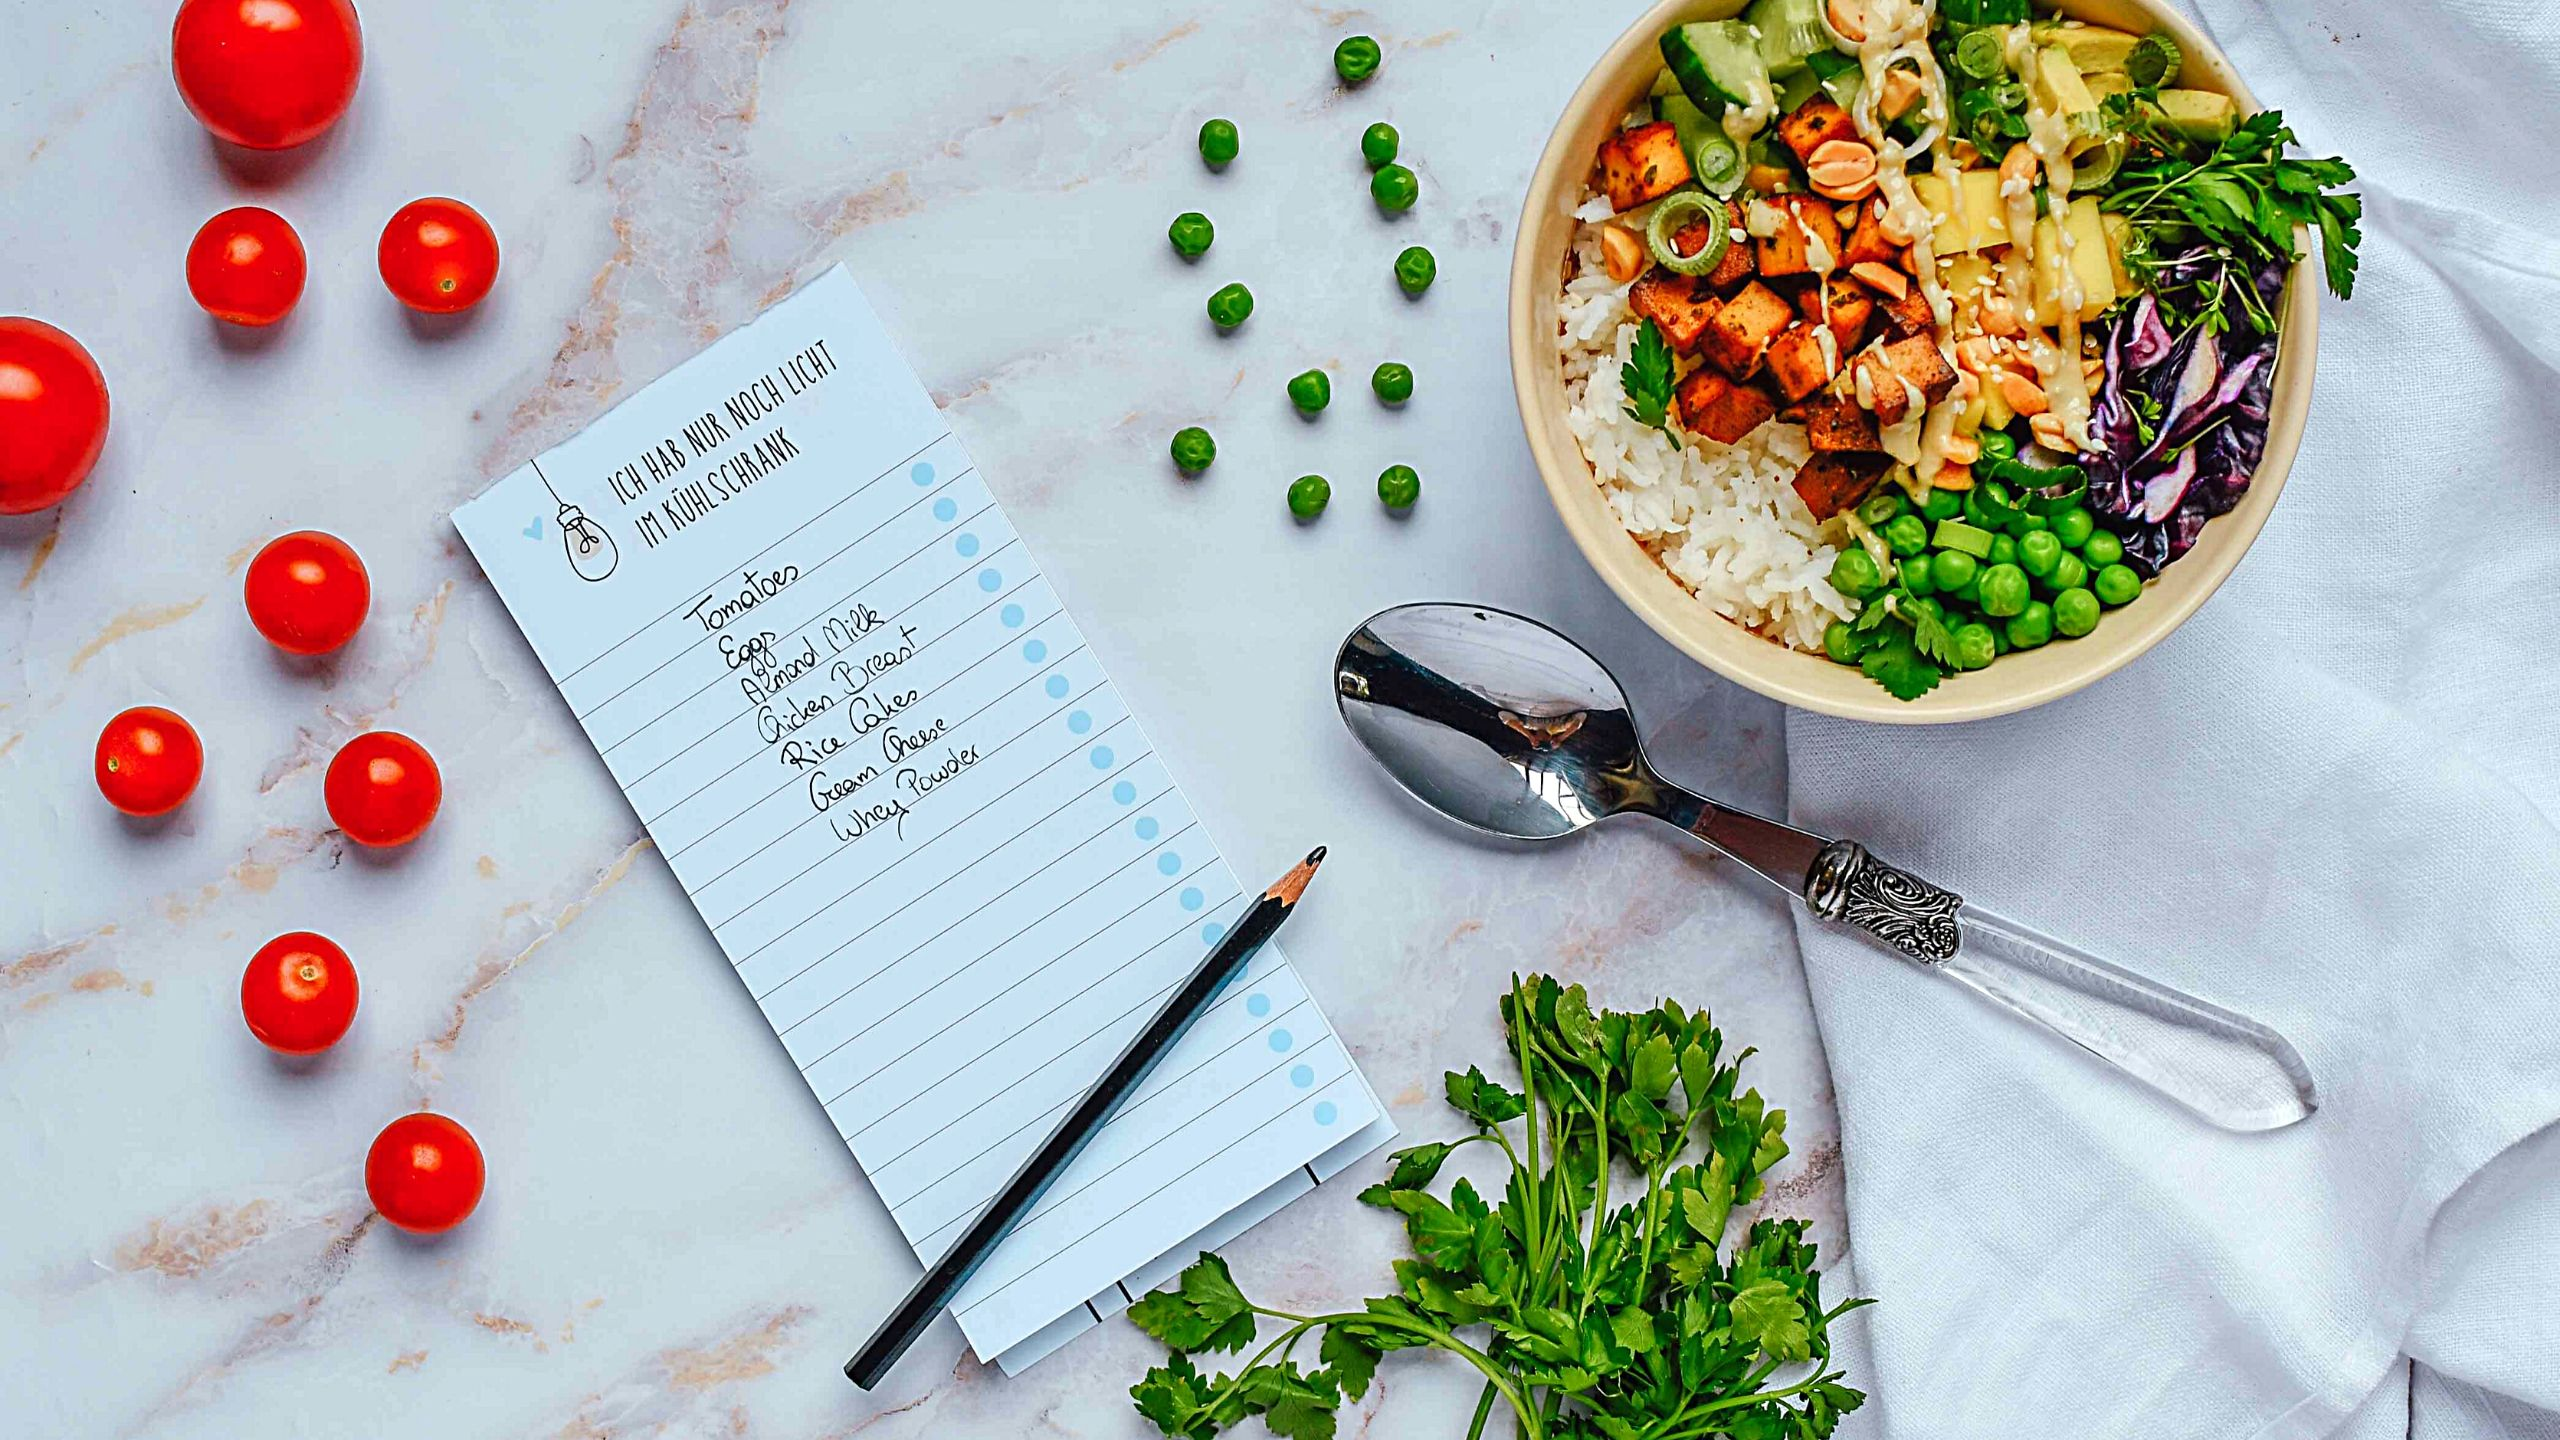 Online gesund kochen lernen für Anfänger